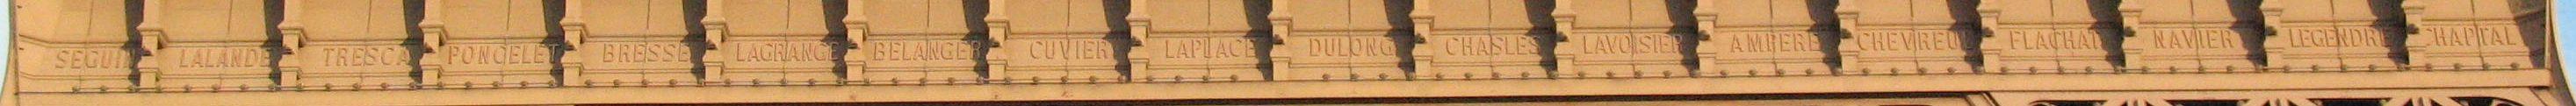 Navnerækken på nordvestsiden